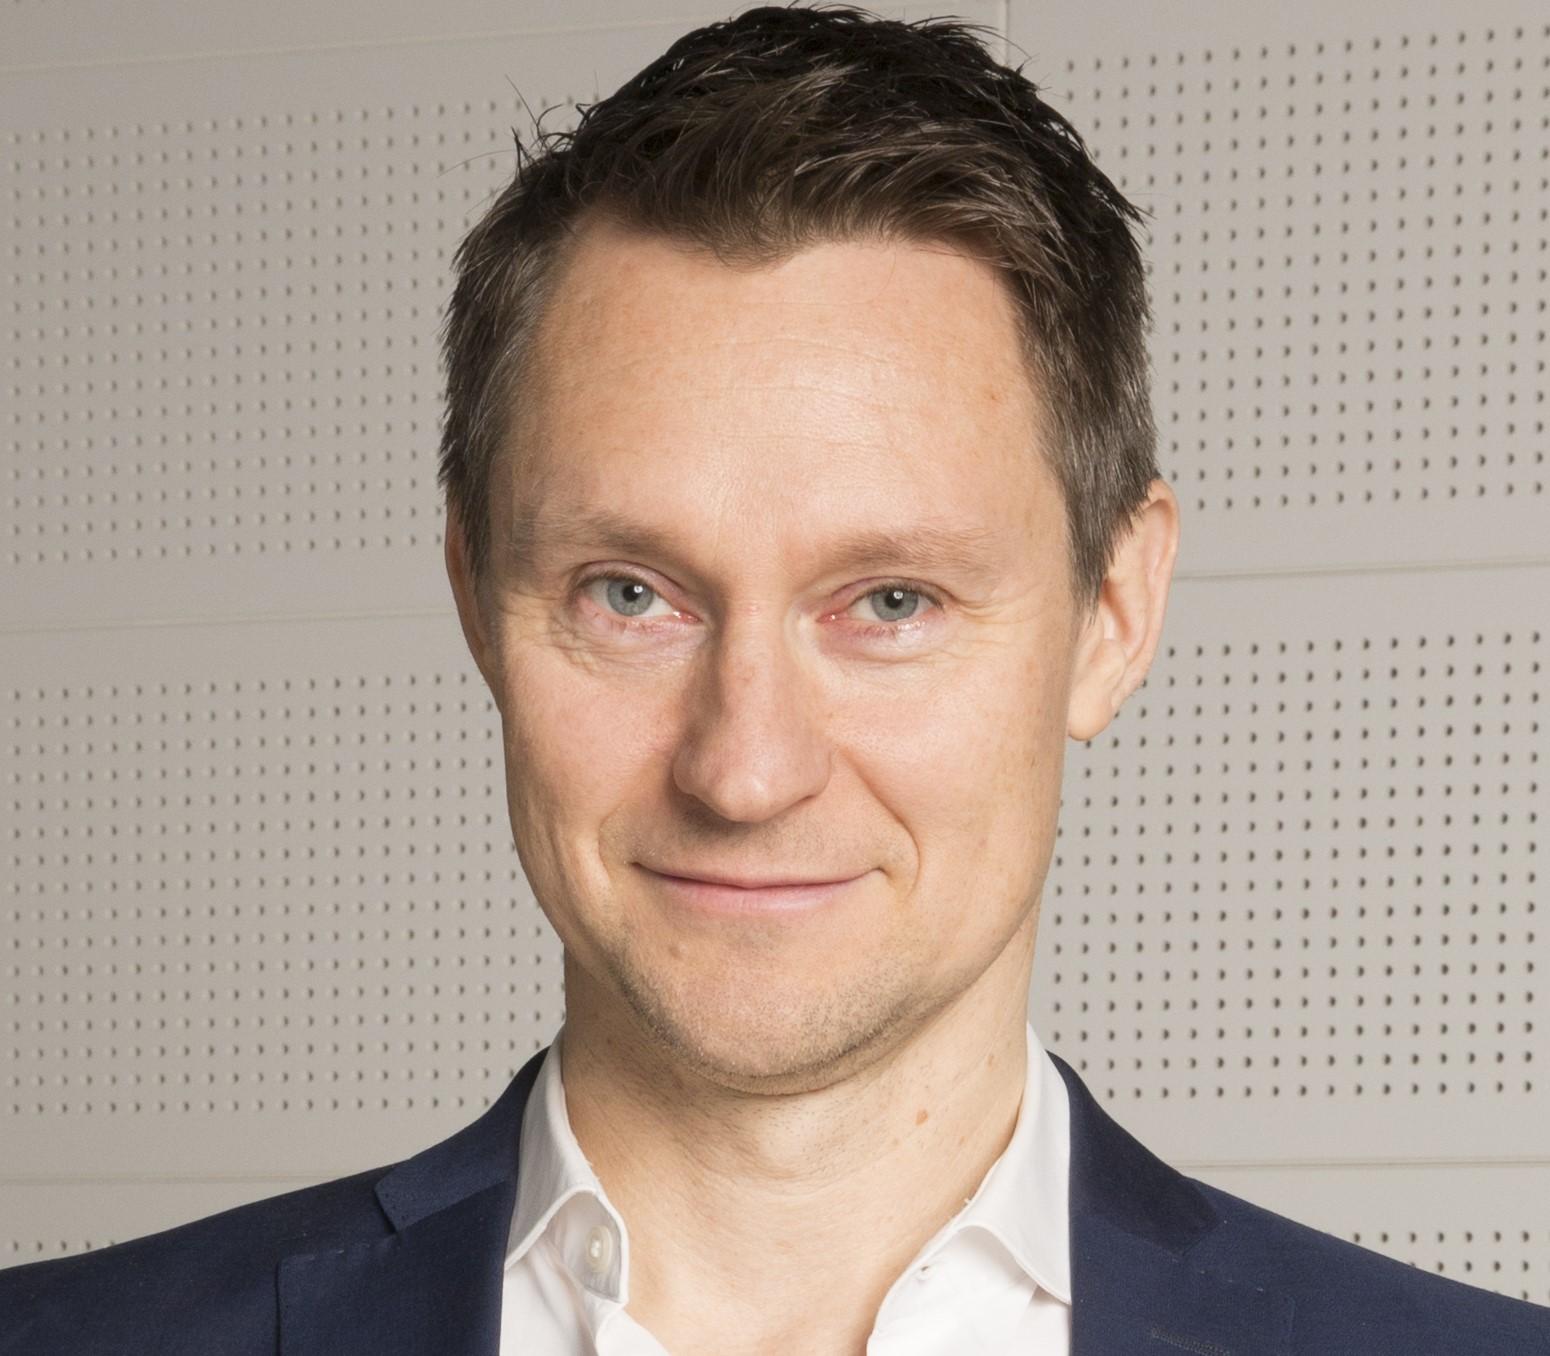 Johan Schauman Skatteverket. Bild privat.